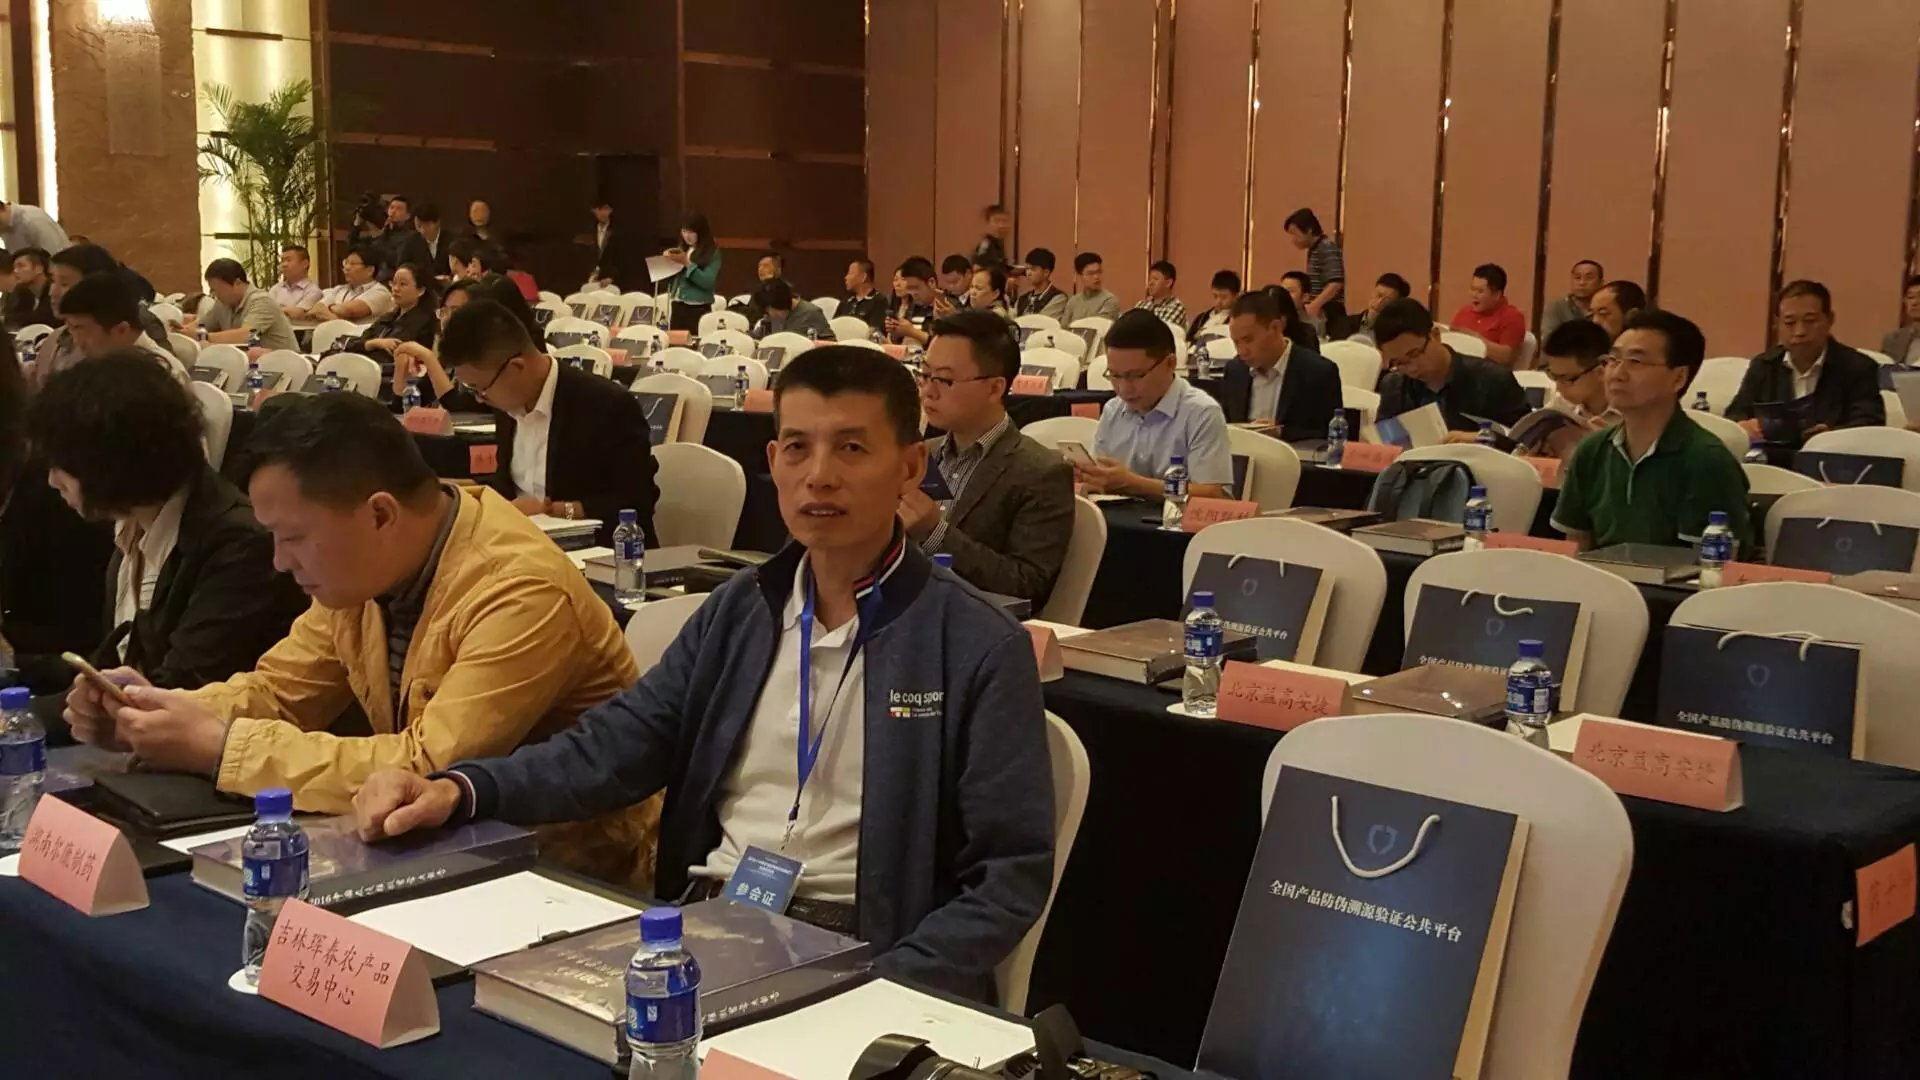 吉林省三农科技有限公司领导参加会议